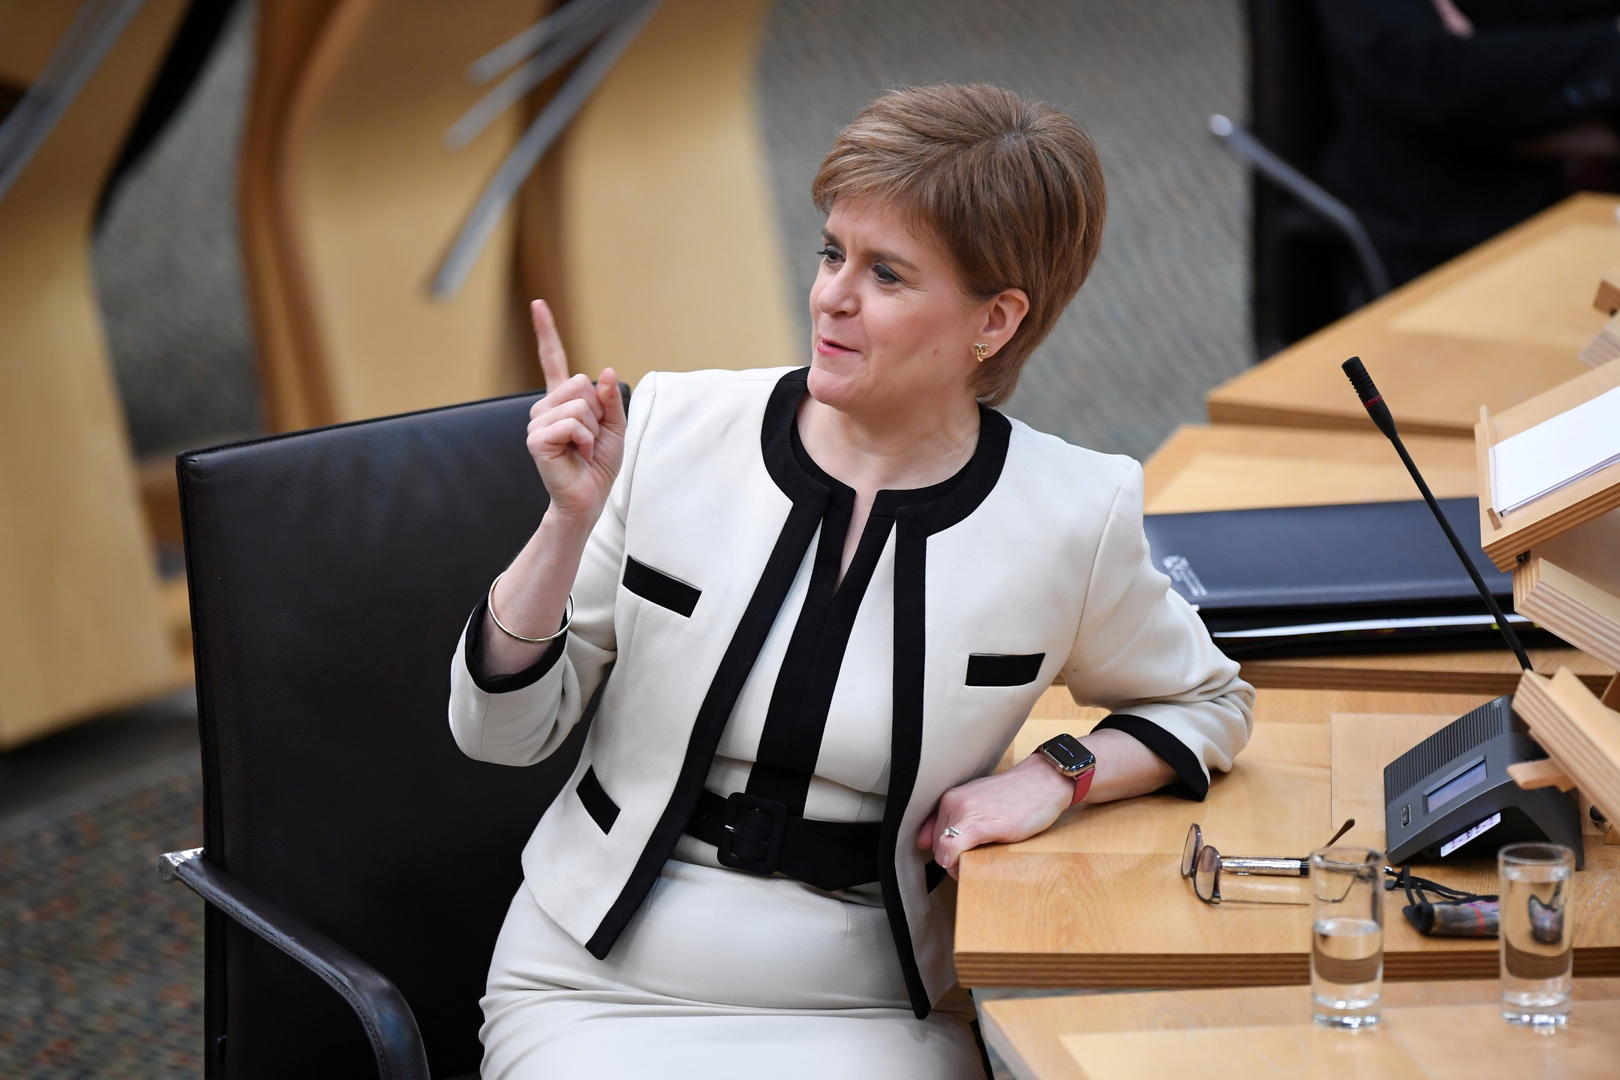 نيكولا ستورجون رئيسة وزراء اسكتلندا